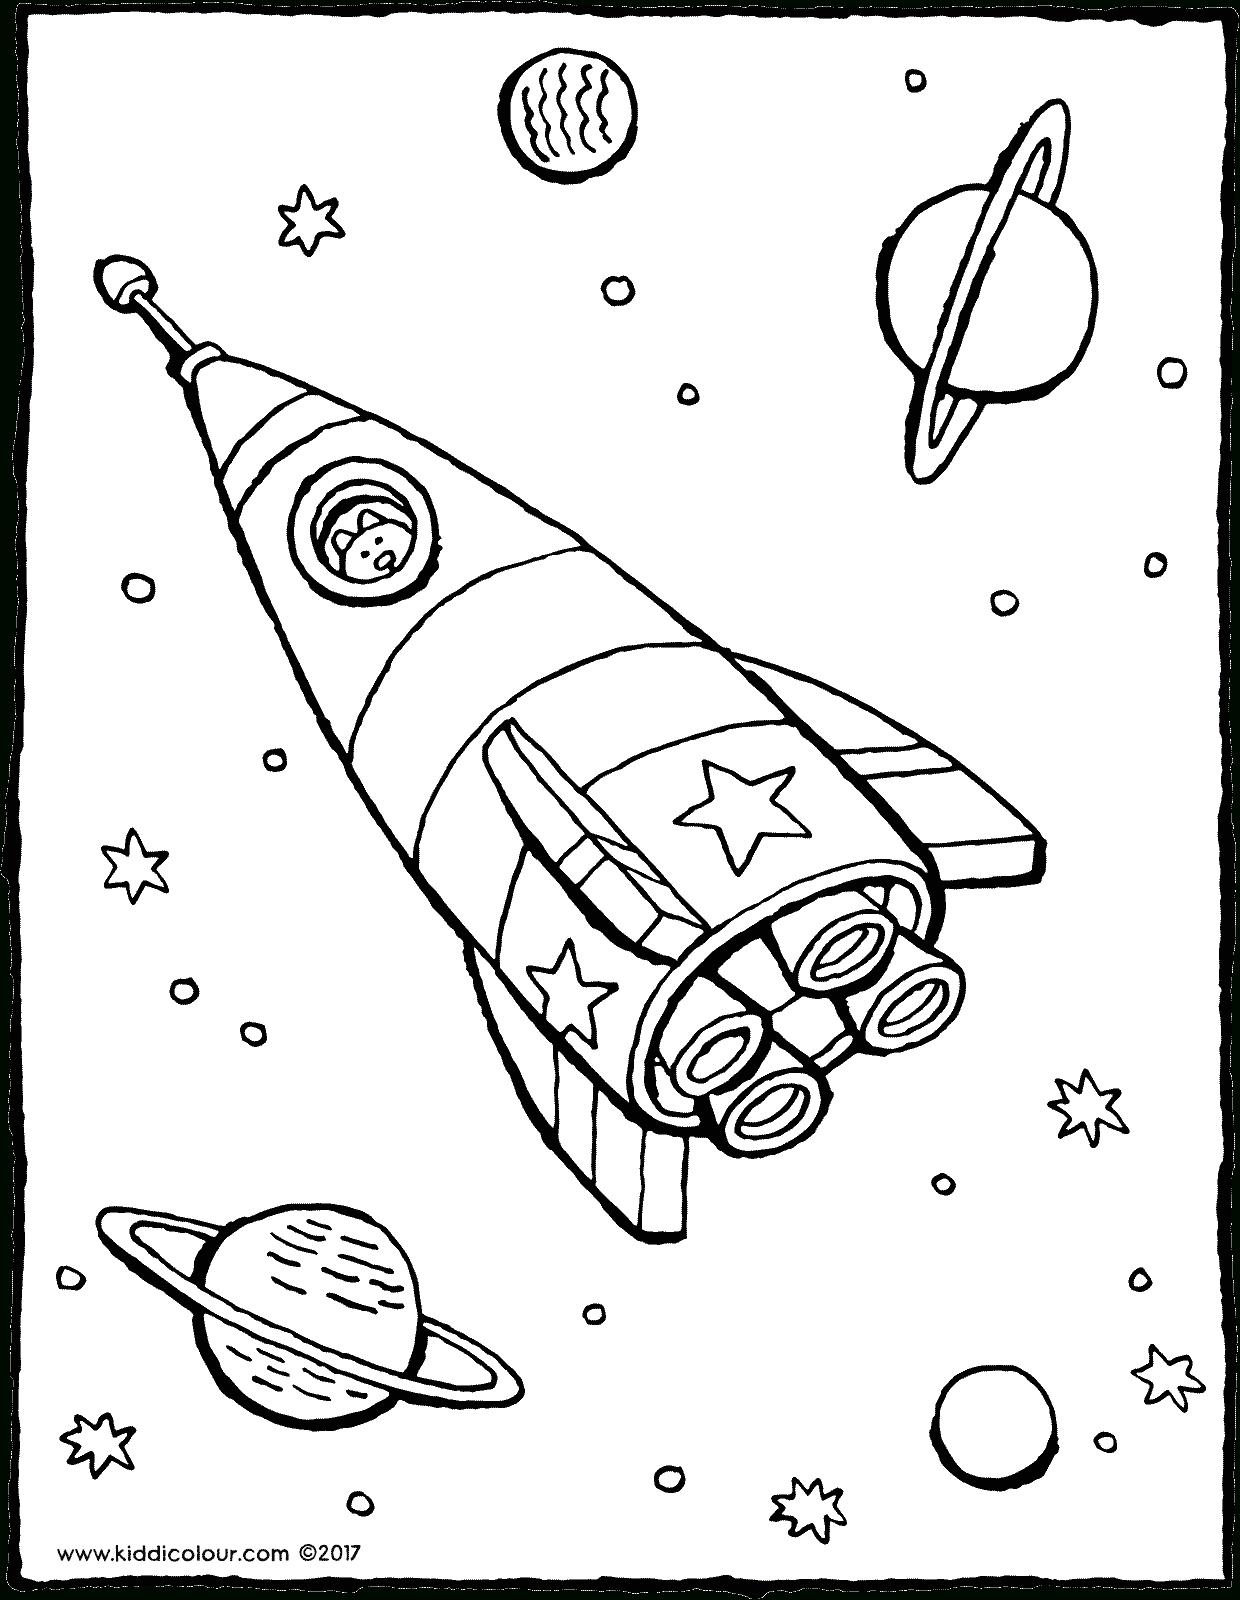 Rakete Im Weltraum - Kiddimalseite bei Malvorlage Rakete